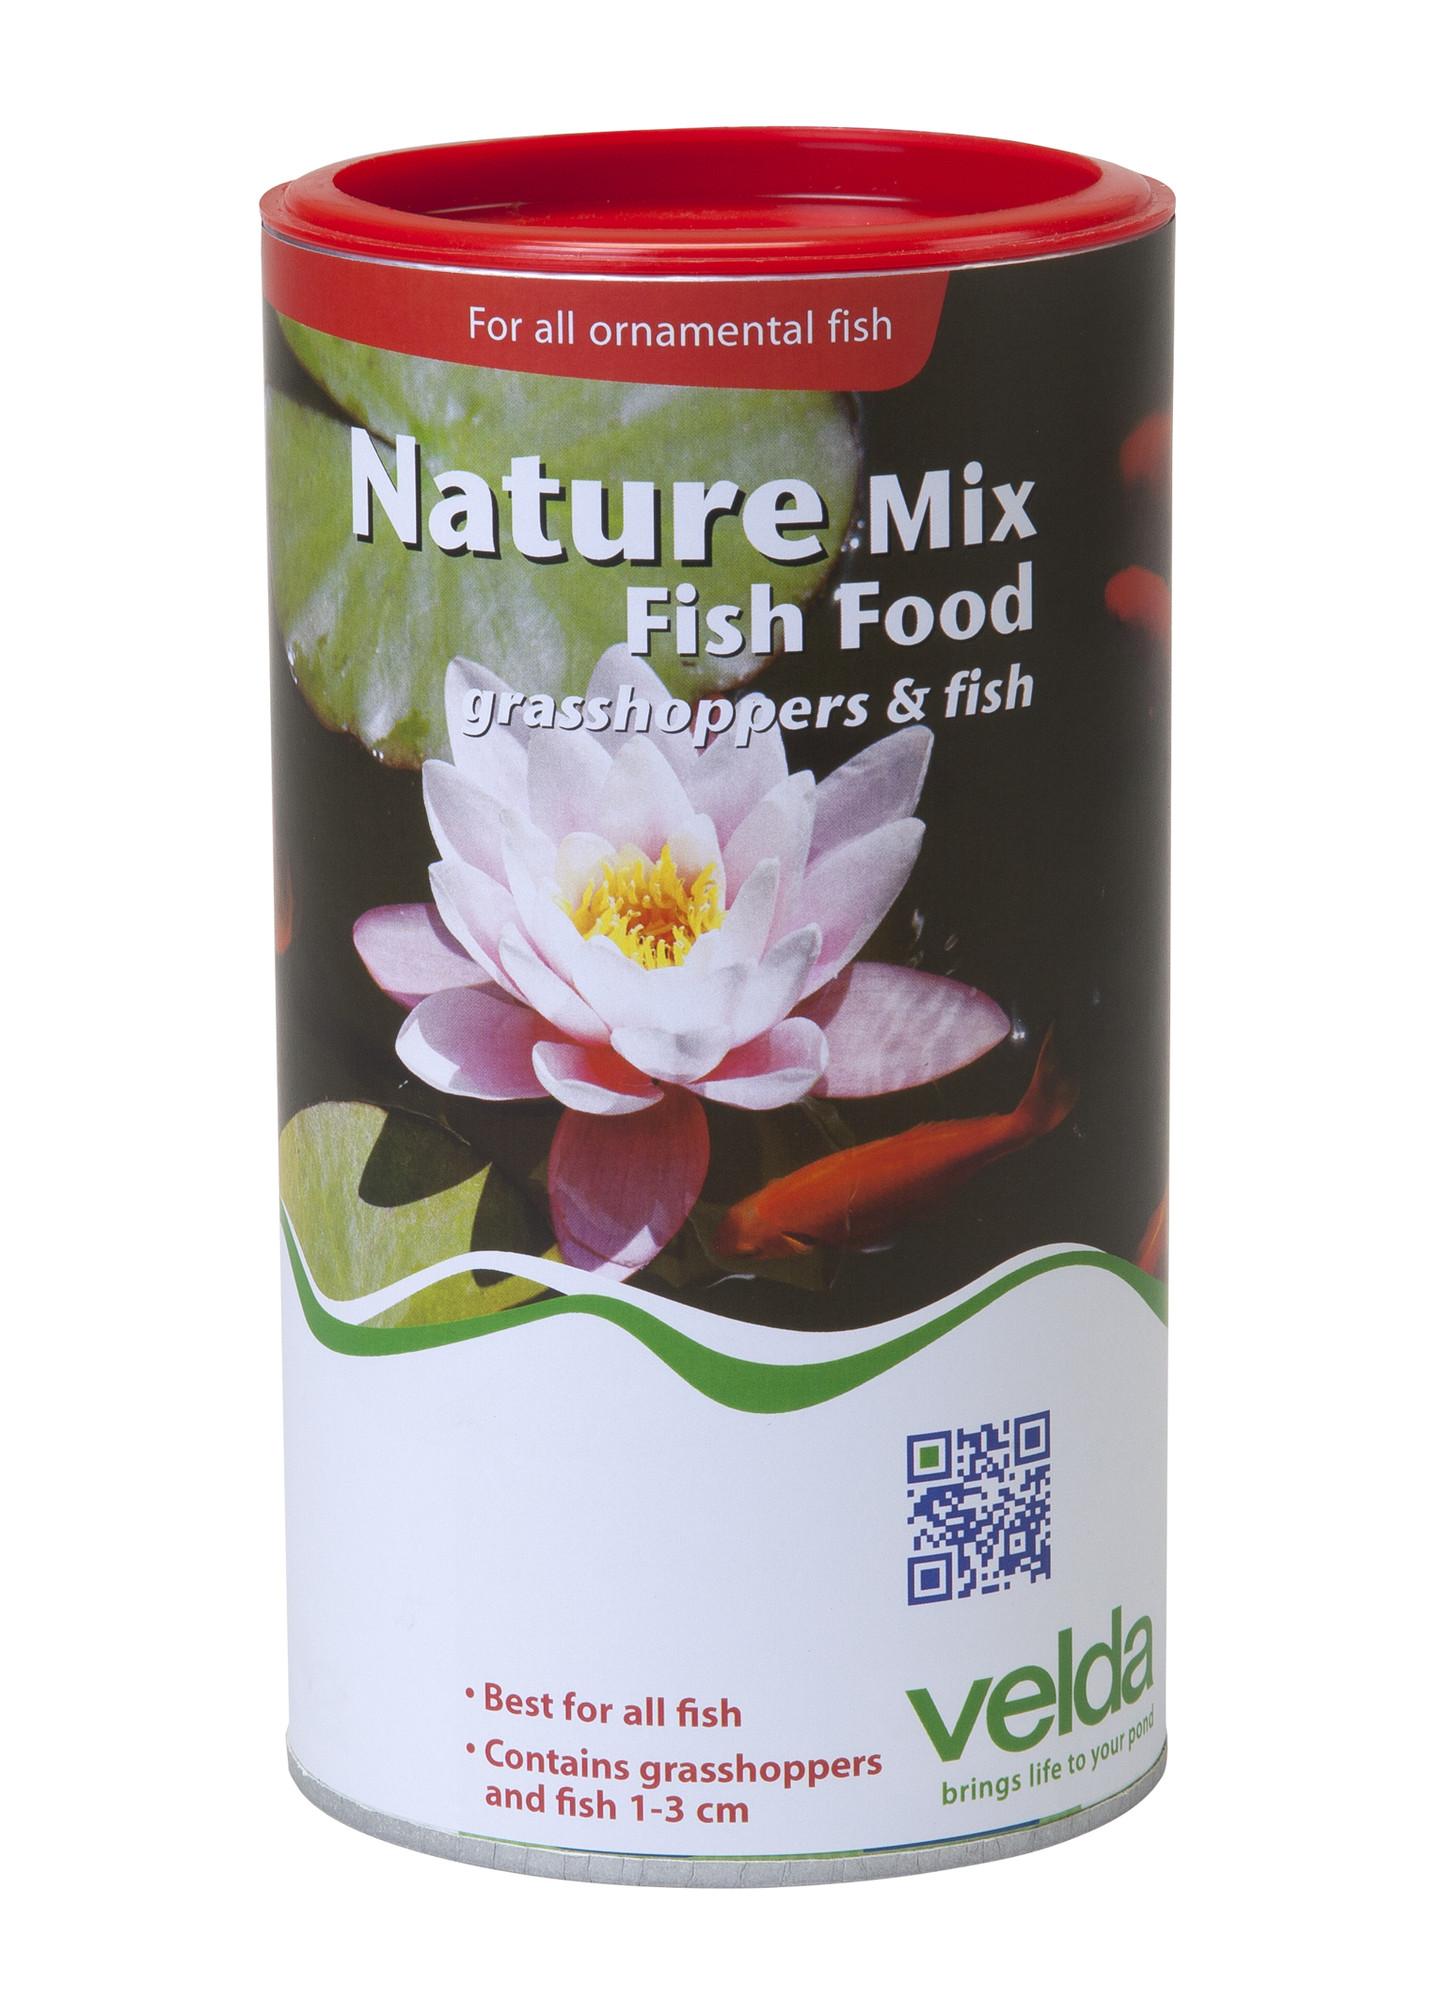 Velda Nature Mix Fish Food Met Visjes En Sprinkhanen 1250 Ml / 200 Gram